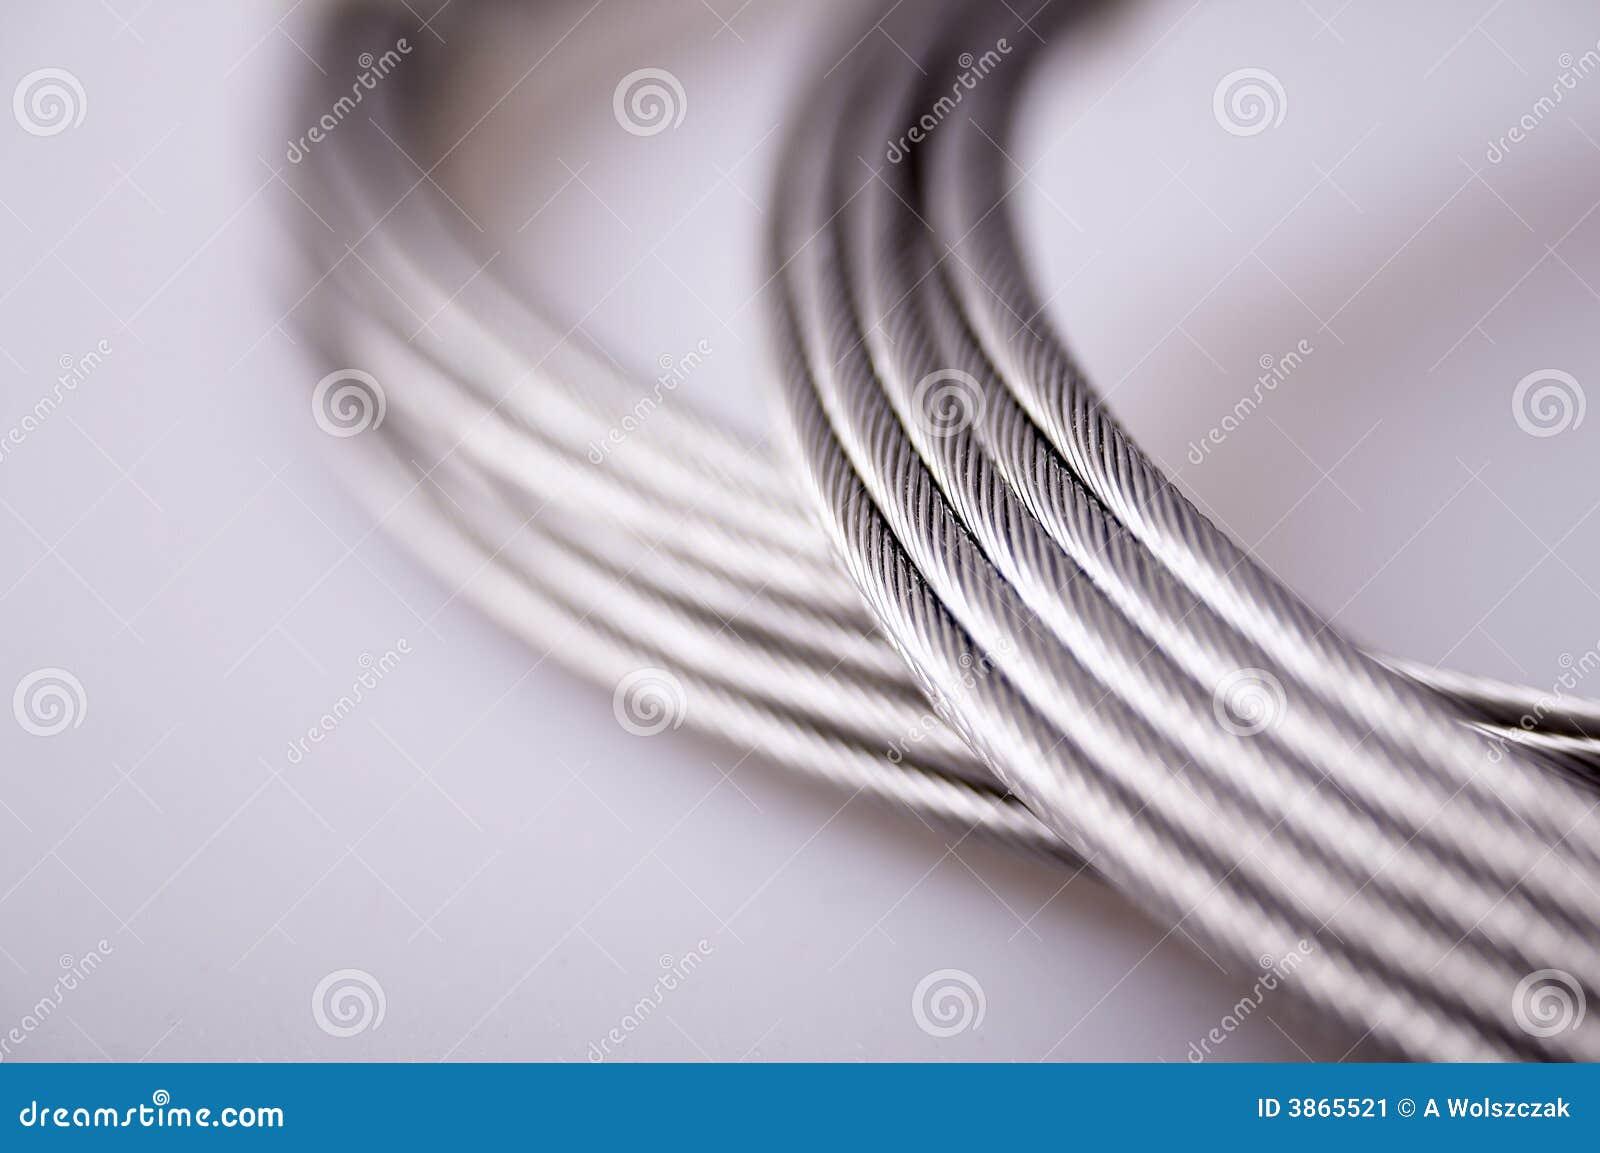 Kabel srebra